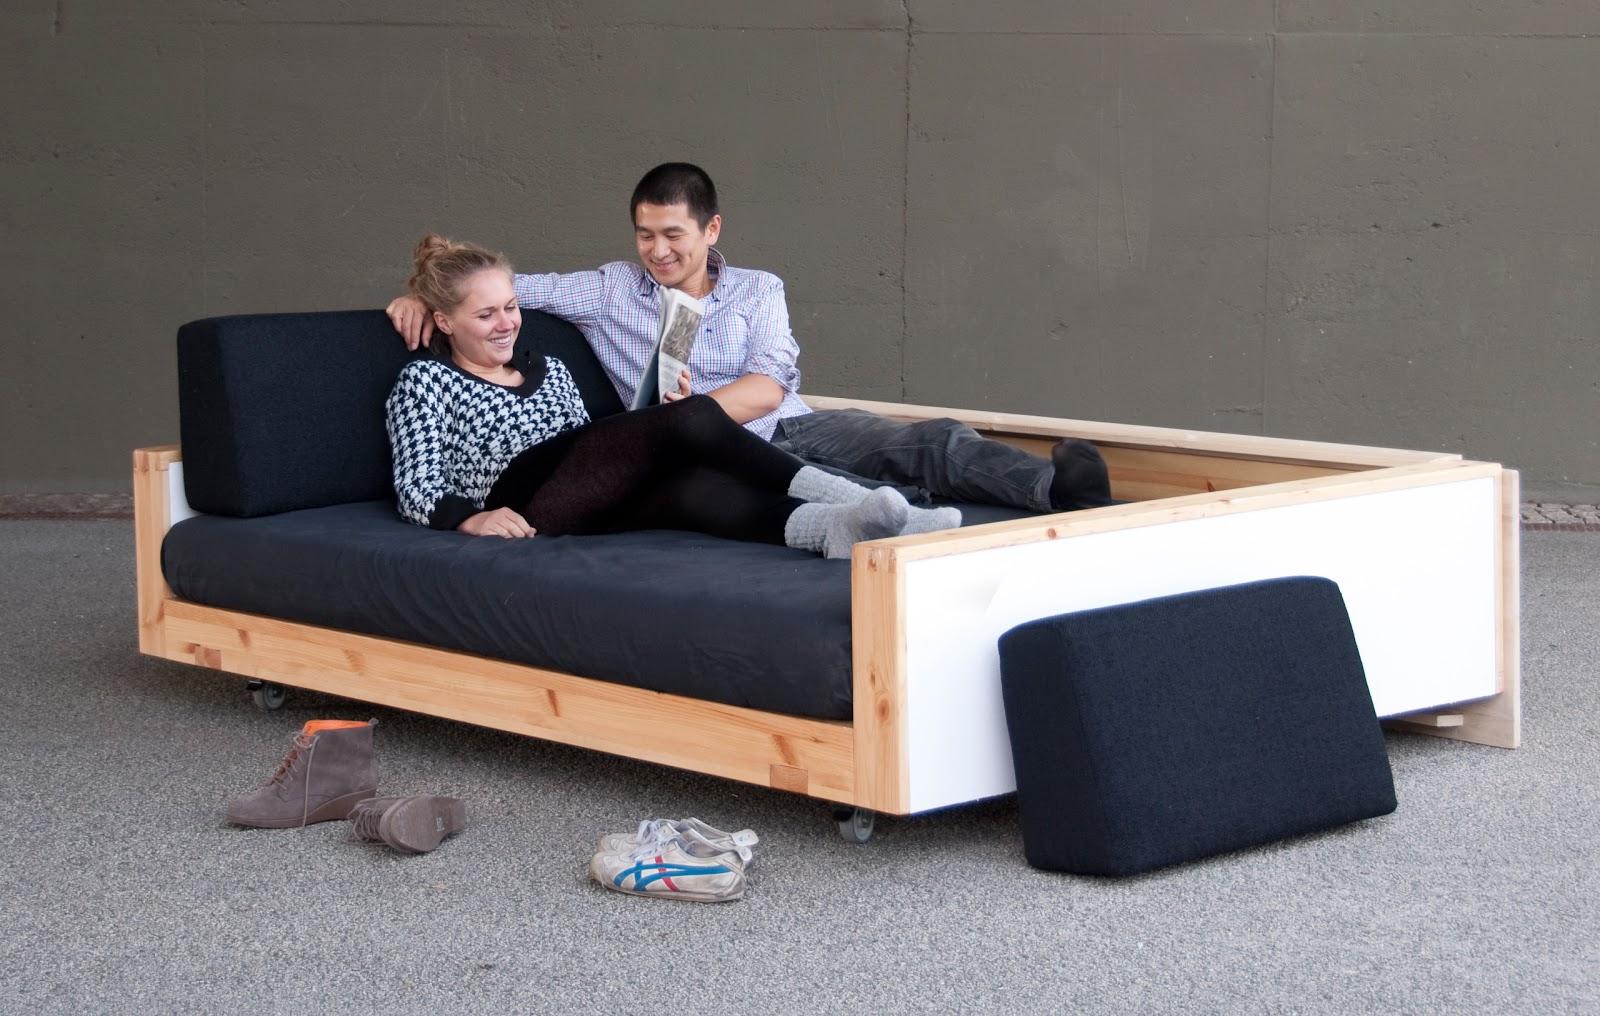 siwo sofa ist tags252ber couch abends bett fotos daniela kleint - Sofa Selbst Bauen